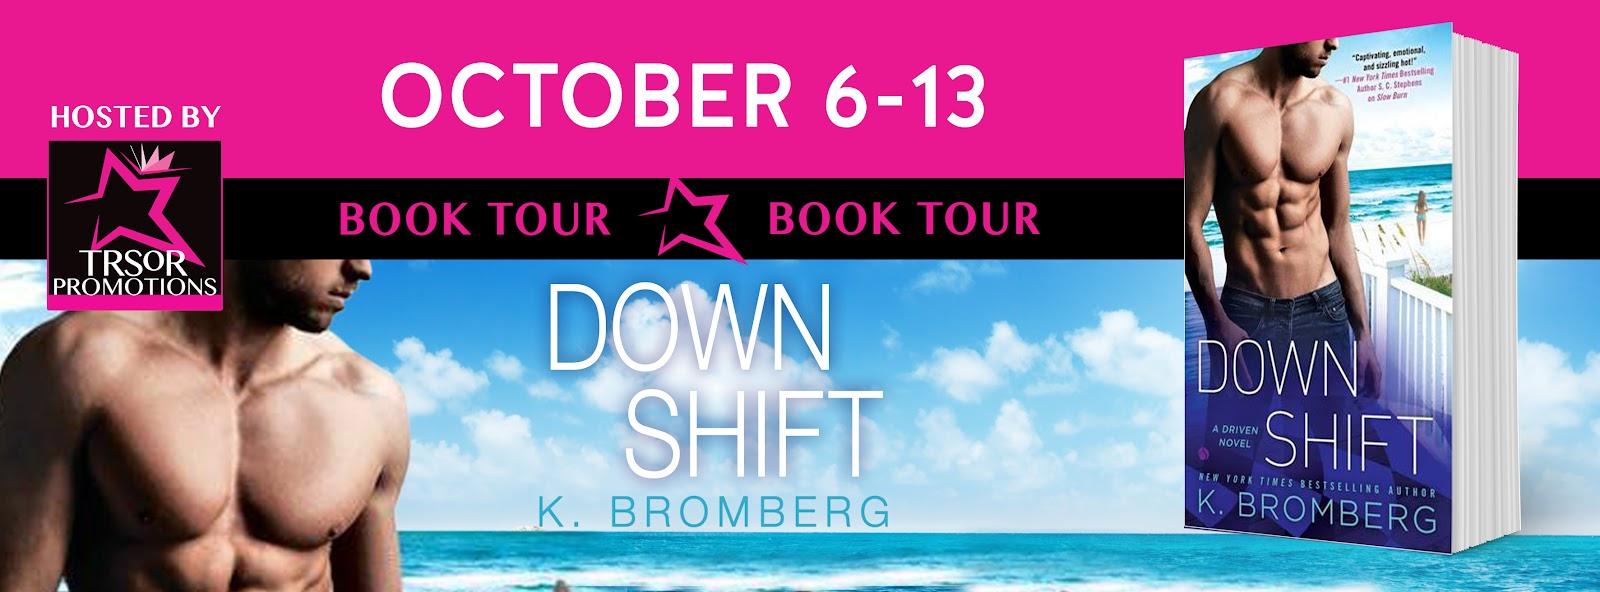 DOWN_SHIFT_BOOK_TOUR.jpg